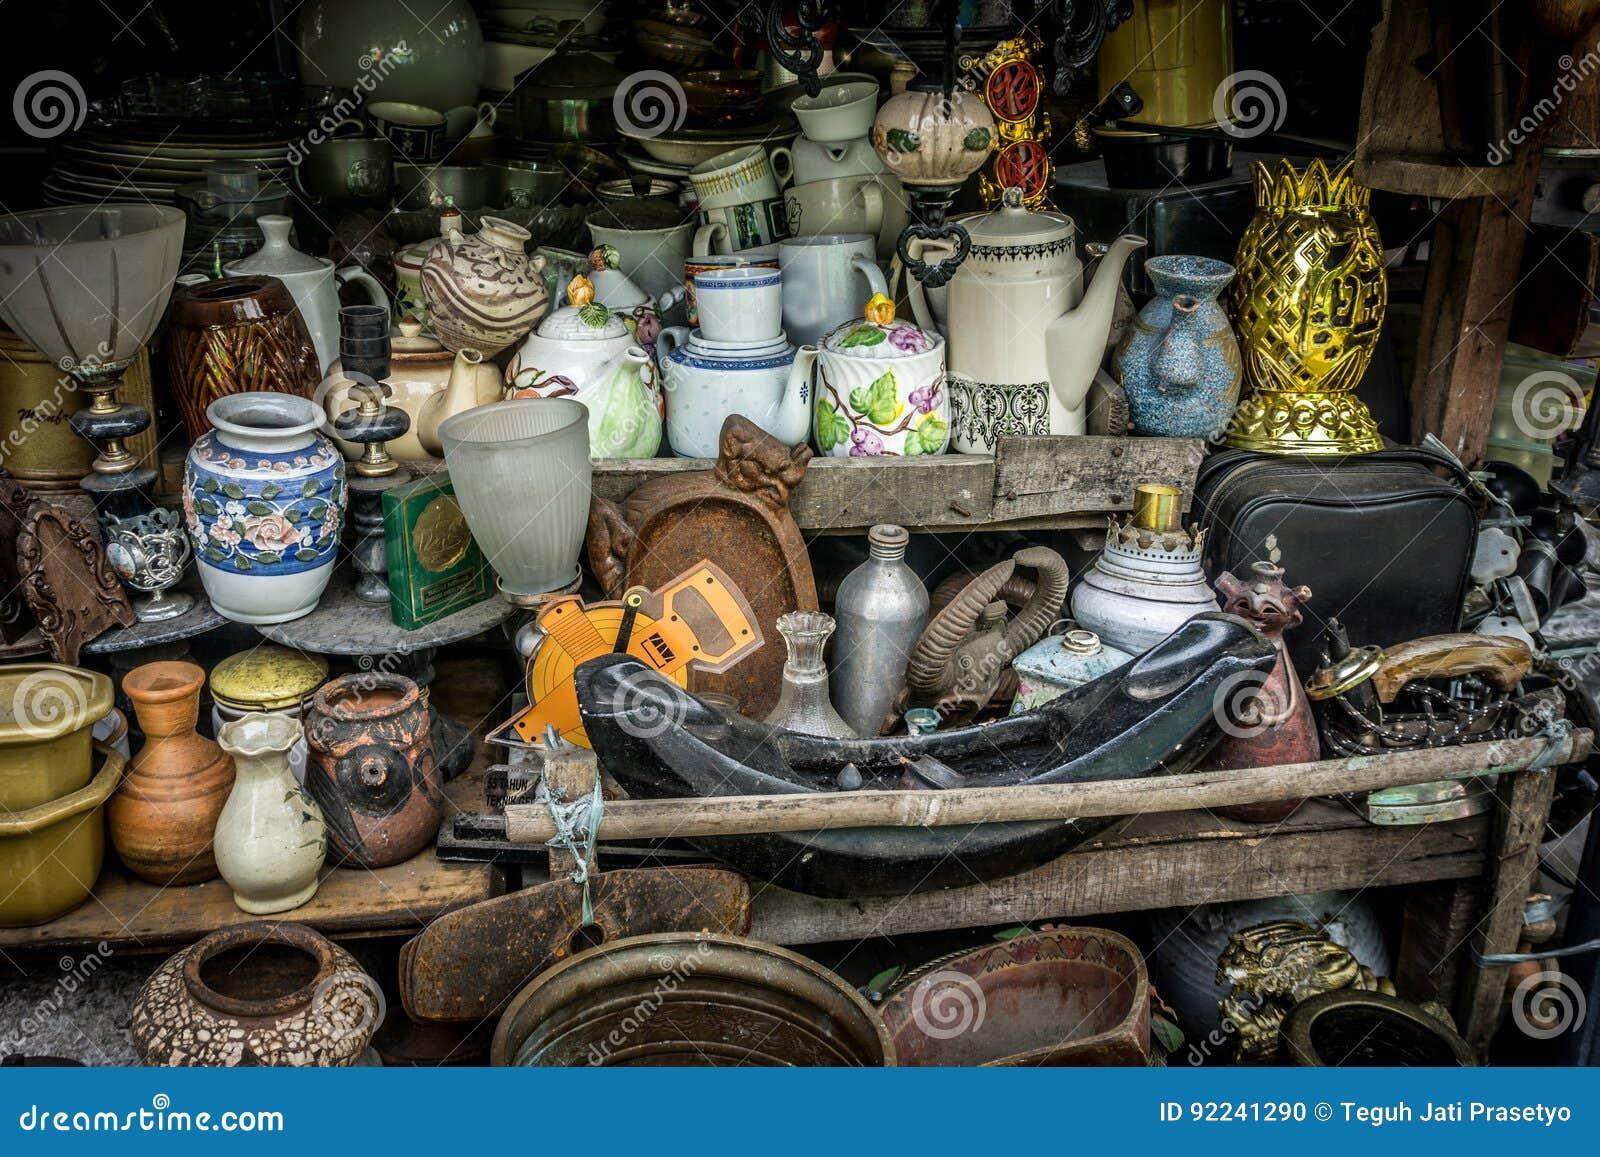 Il deposito dei ricordi vende le merci uniche Jakarta contenuta foto Indonesia